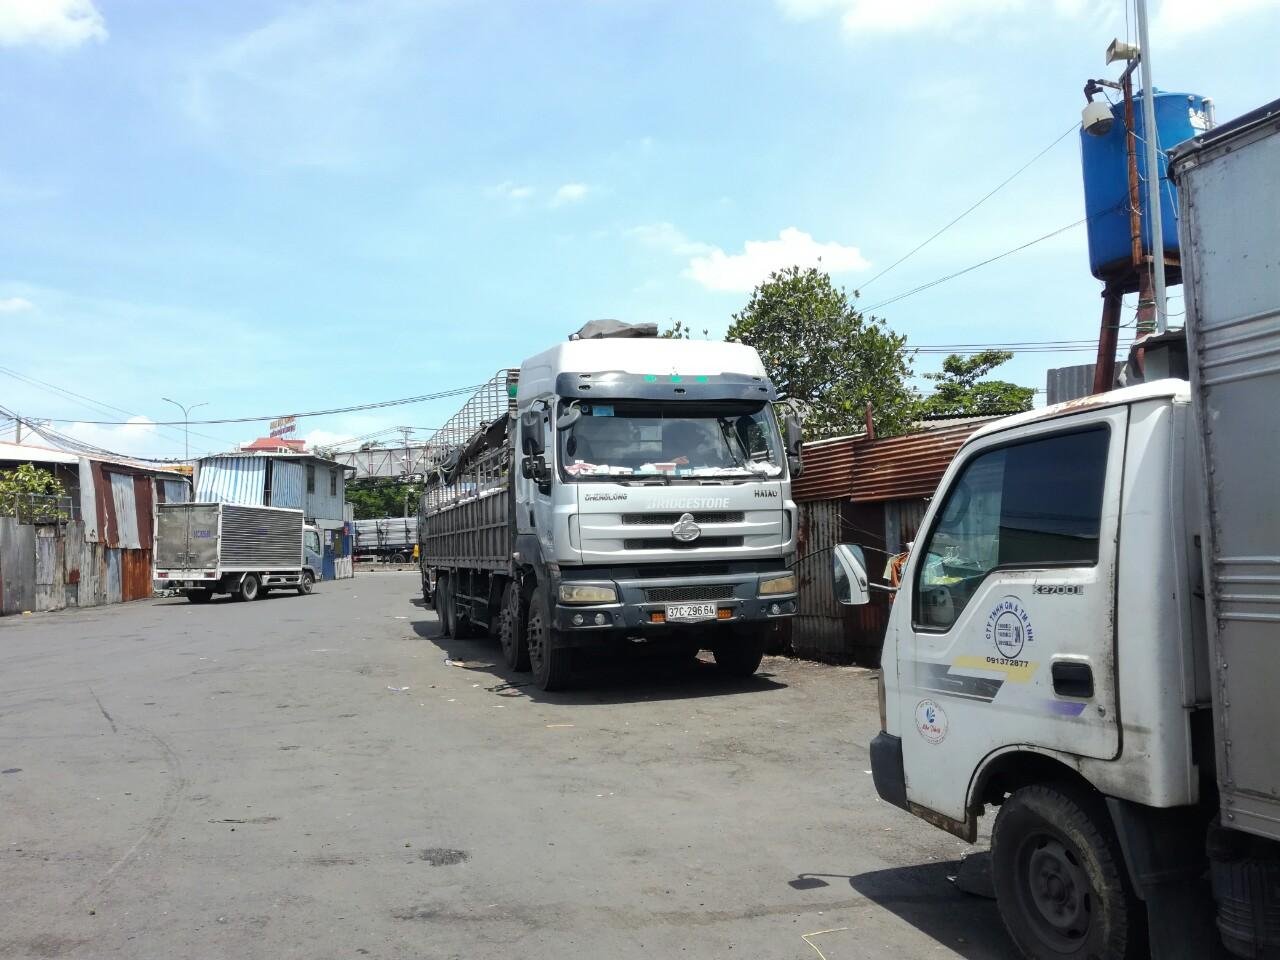 Chành xe vận chuyển hàng qua campuchia tại sài gòn